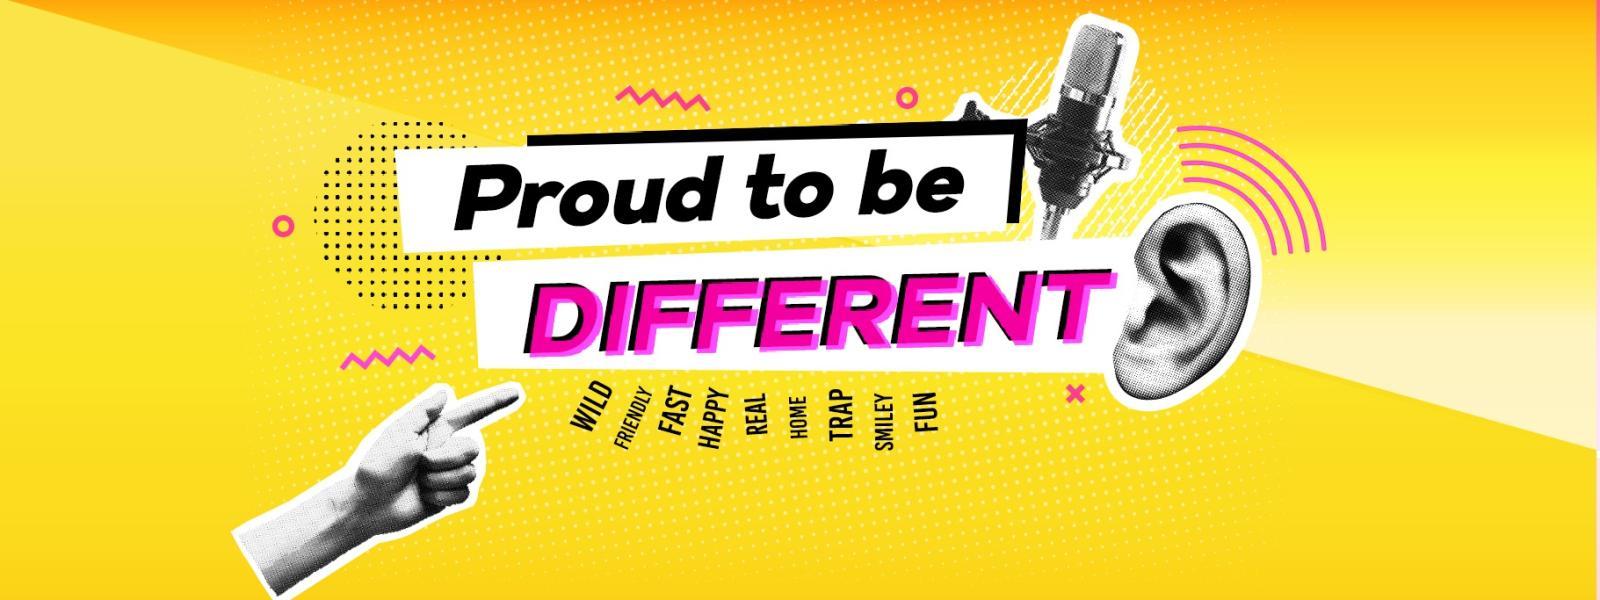 Guarda ora il nuovo spot Proud to be Different di Radio 105